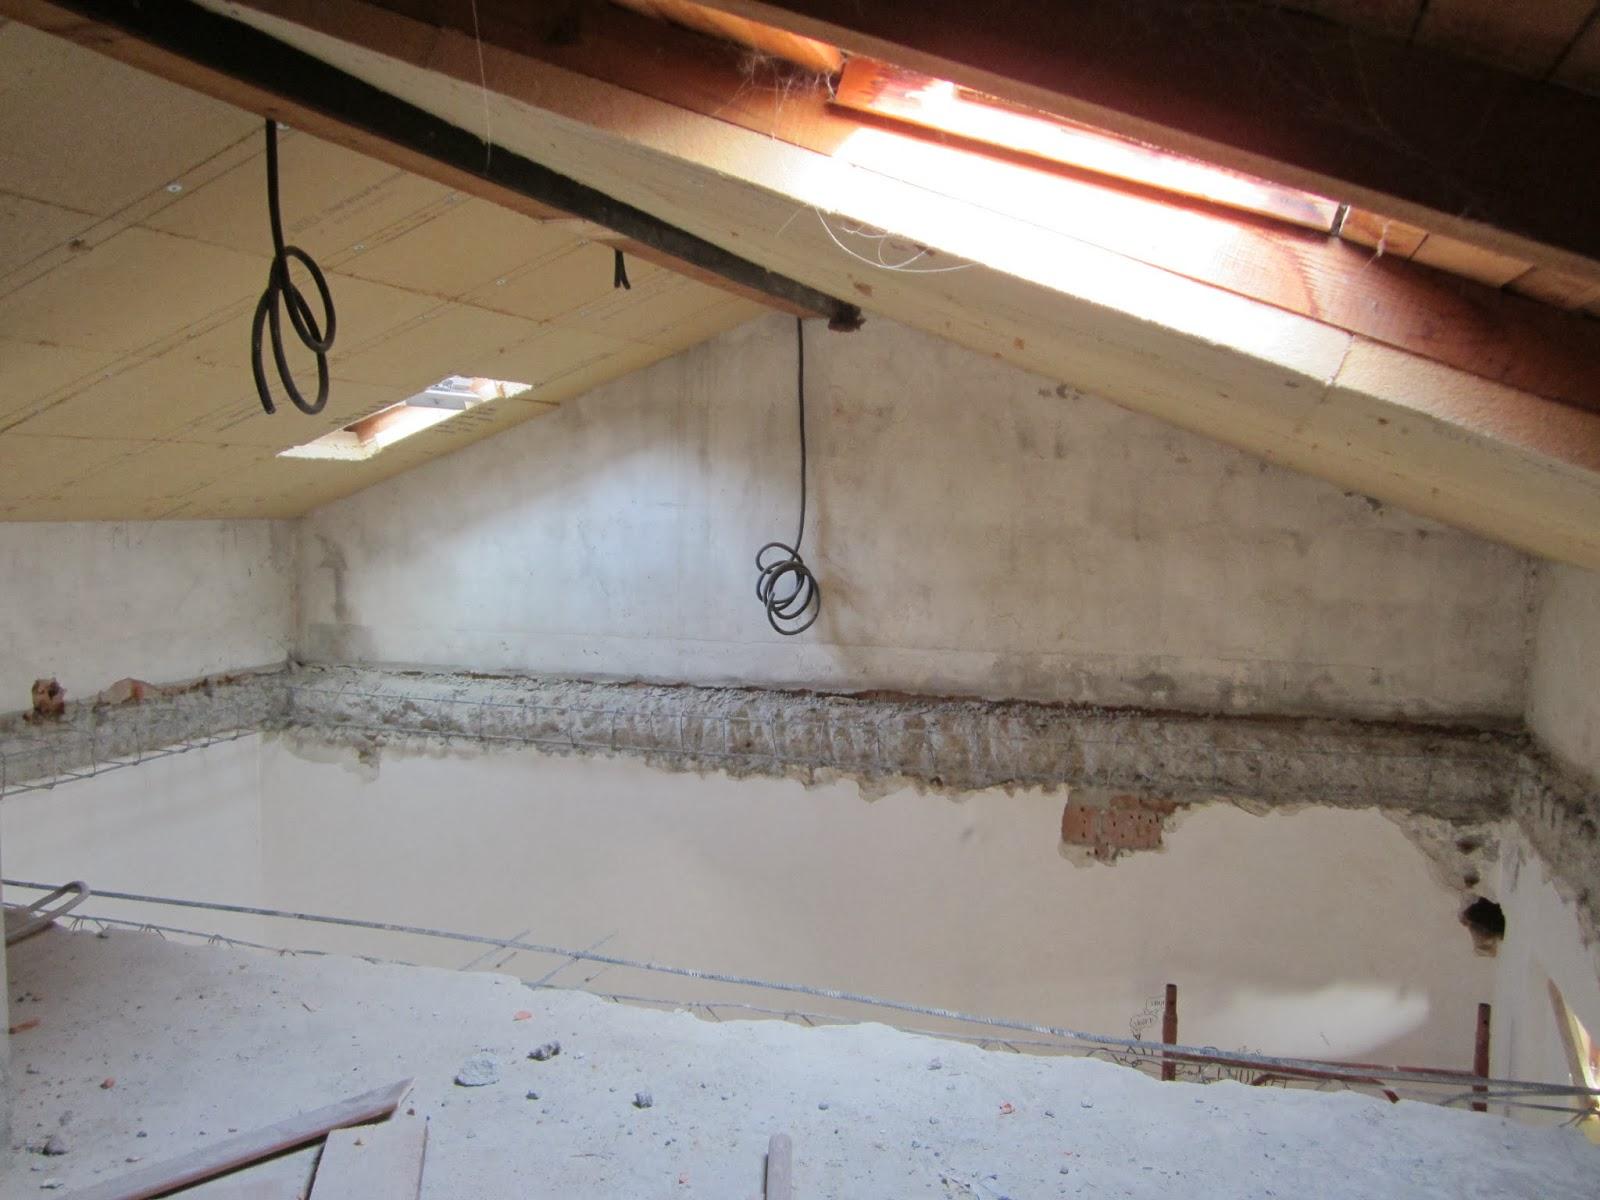 Camera da letto sottotetto tutte le immagini per la for 7 piani di casa di camera da letto